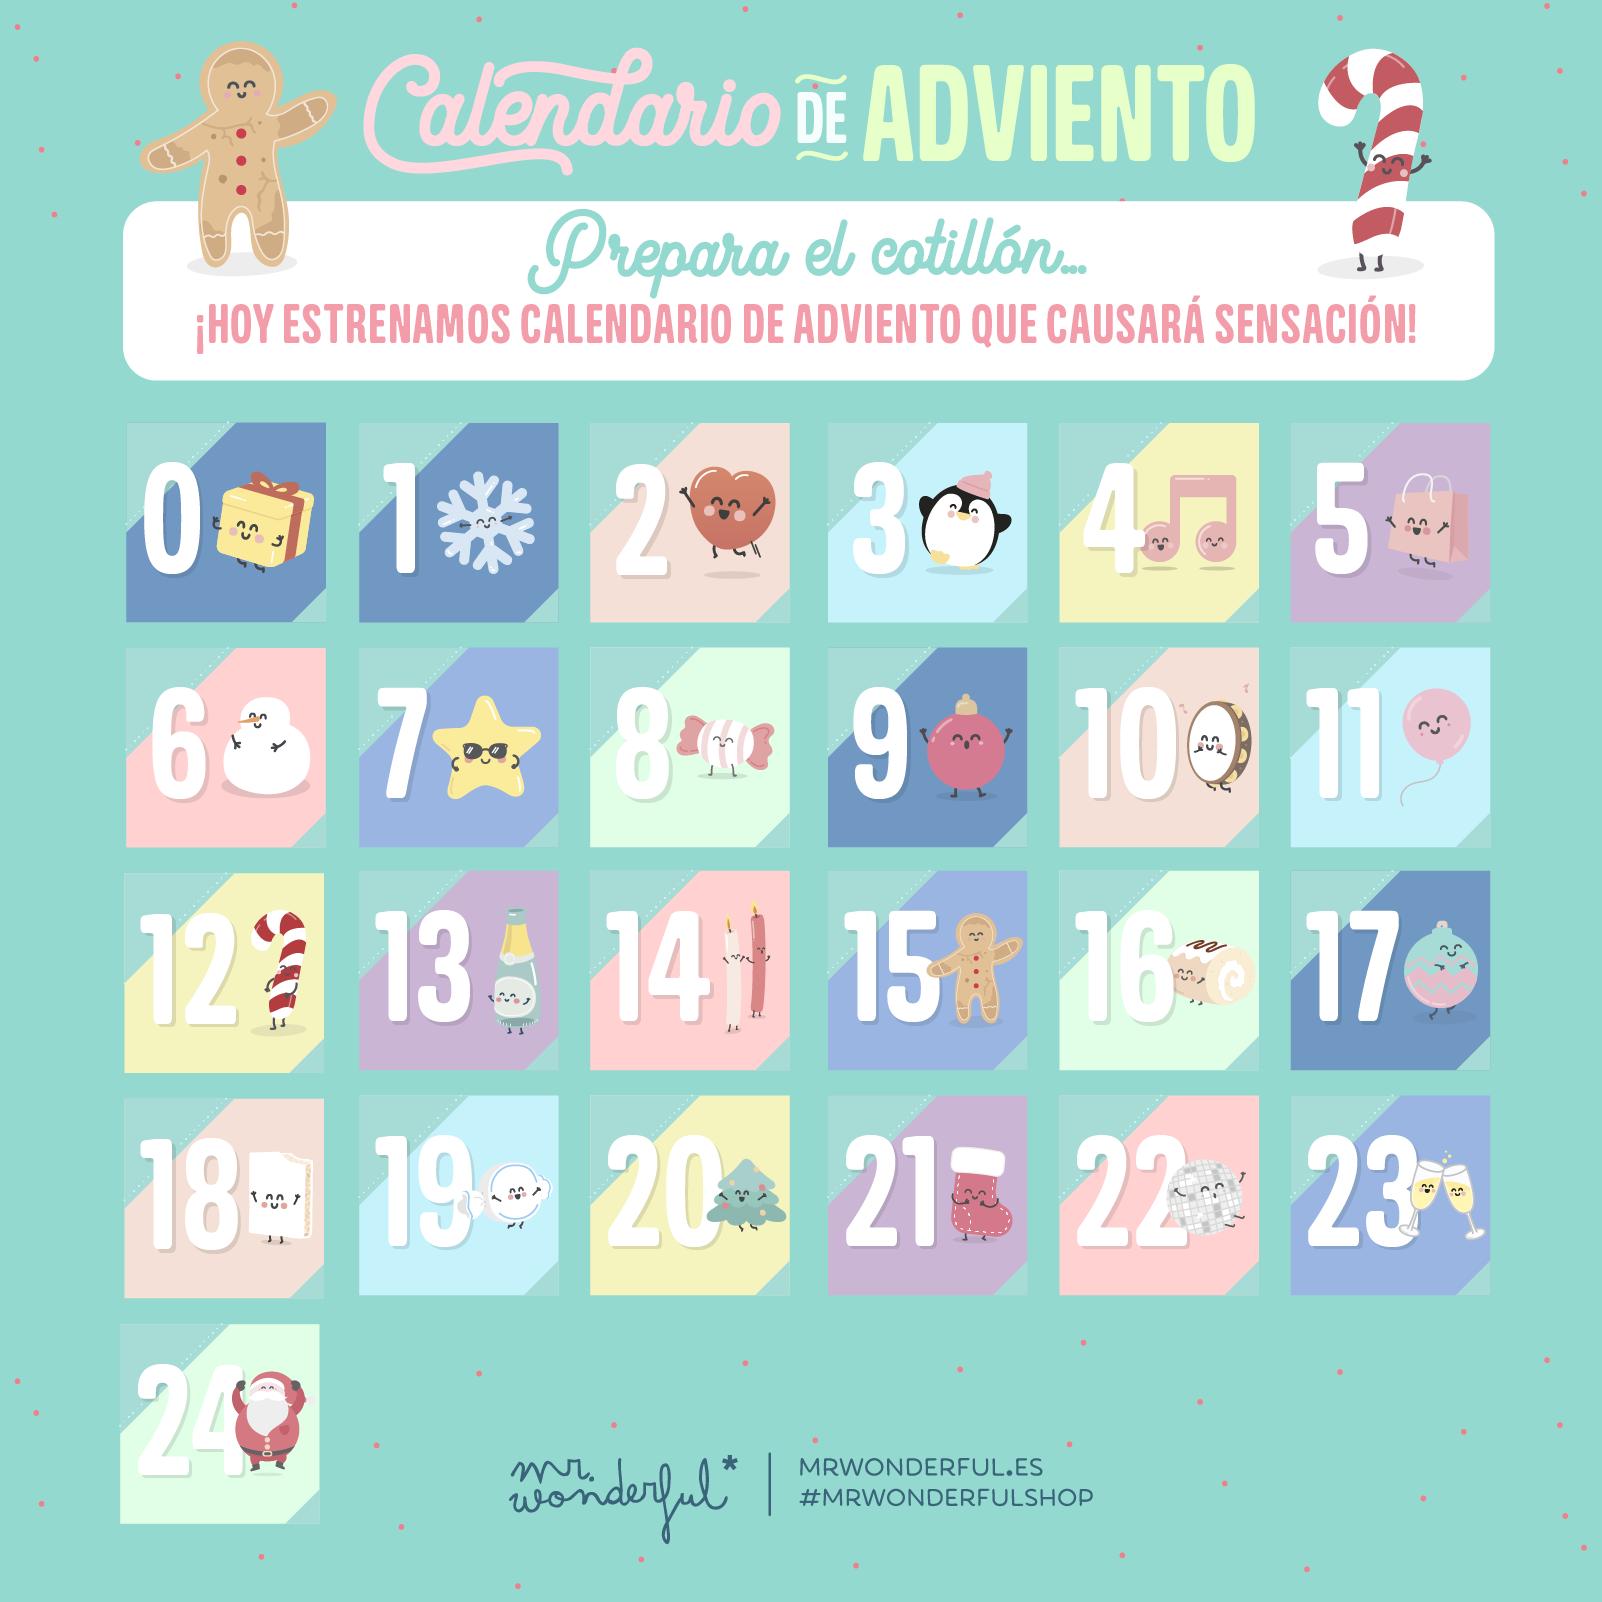 Calendario Adviento 2020.Hoy Empieza Nuestro Calendario De Adviento Mr Wonderful Y Te